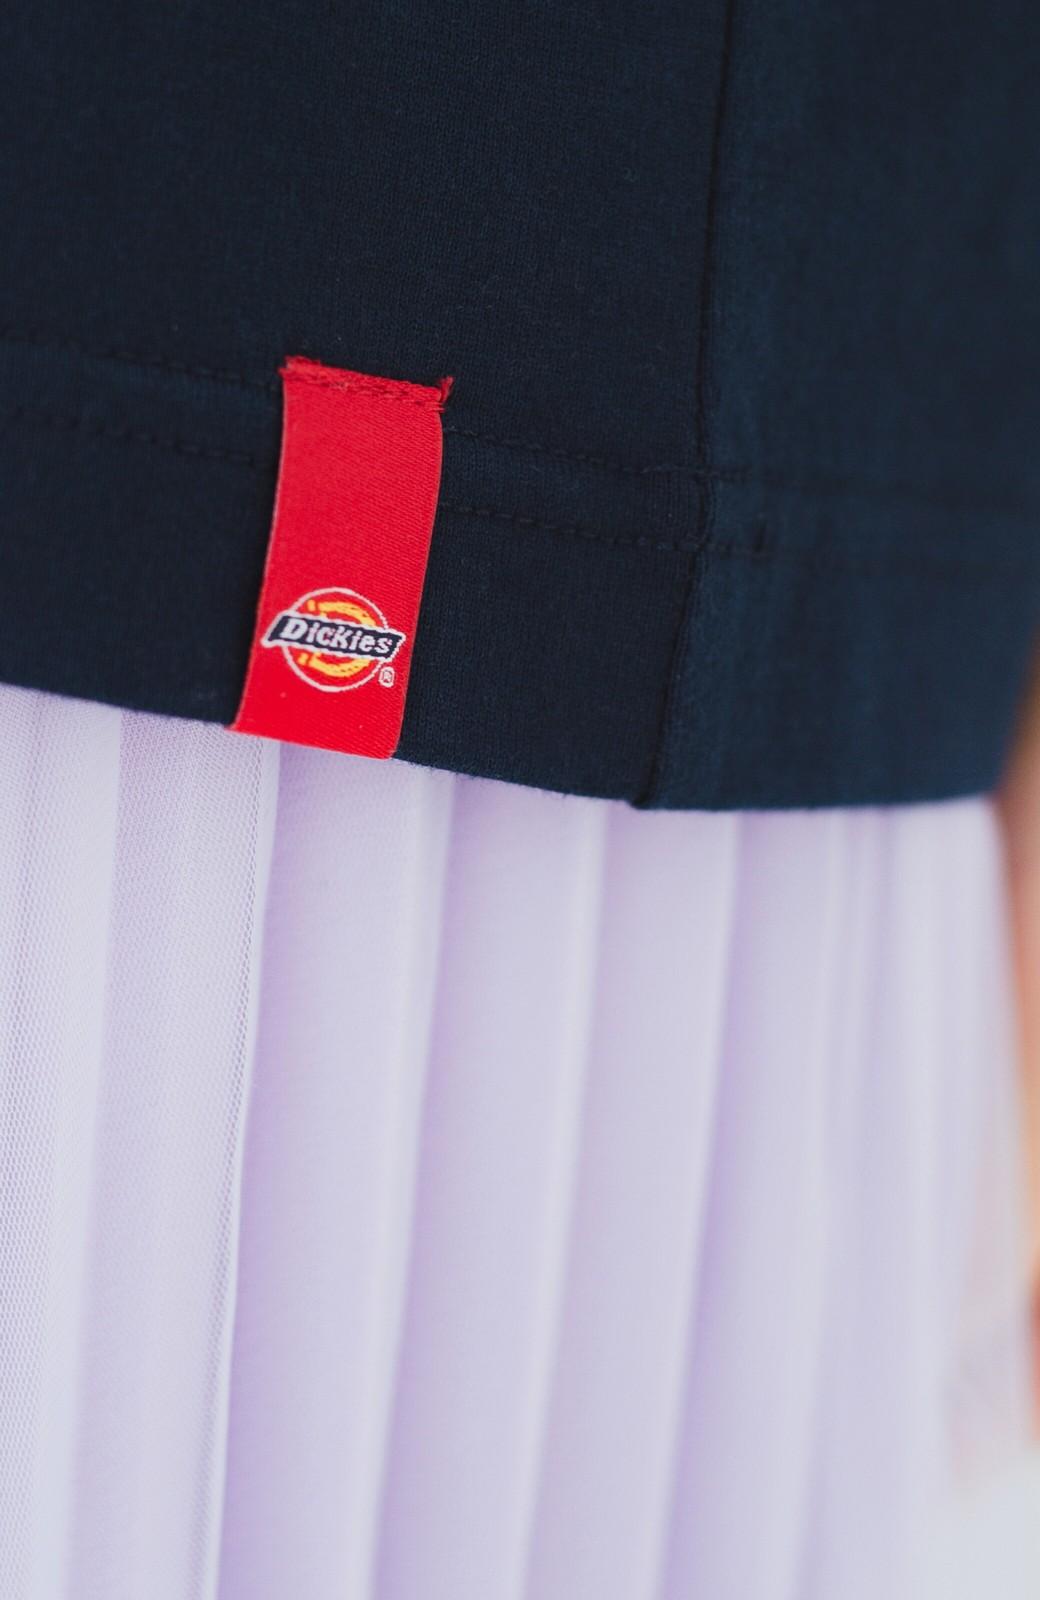 haco! Dickies 別注 ワイドボトムスと相性がいいボックスロゴTシャツ <ネイビー>の商品写真3